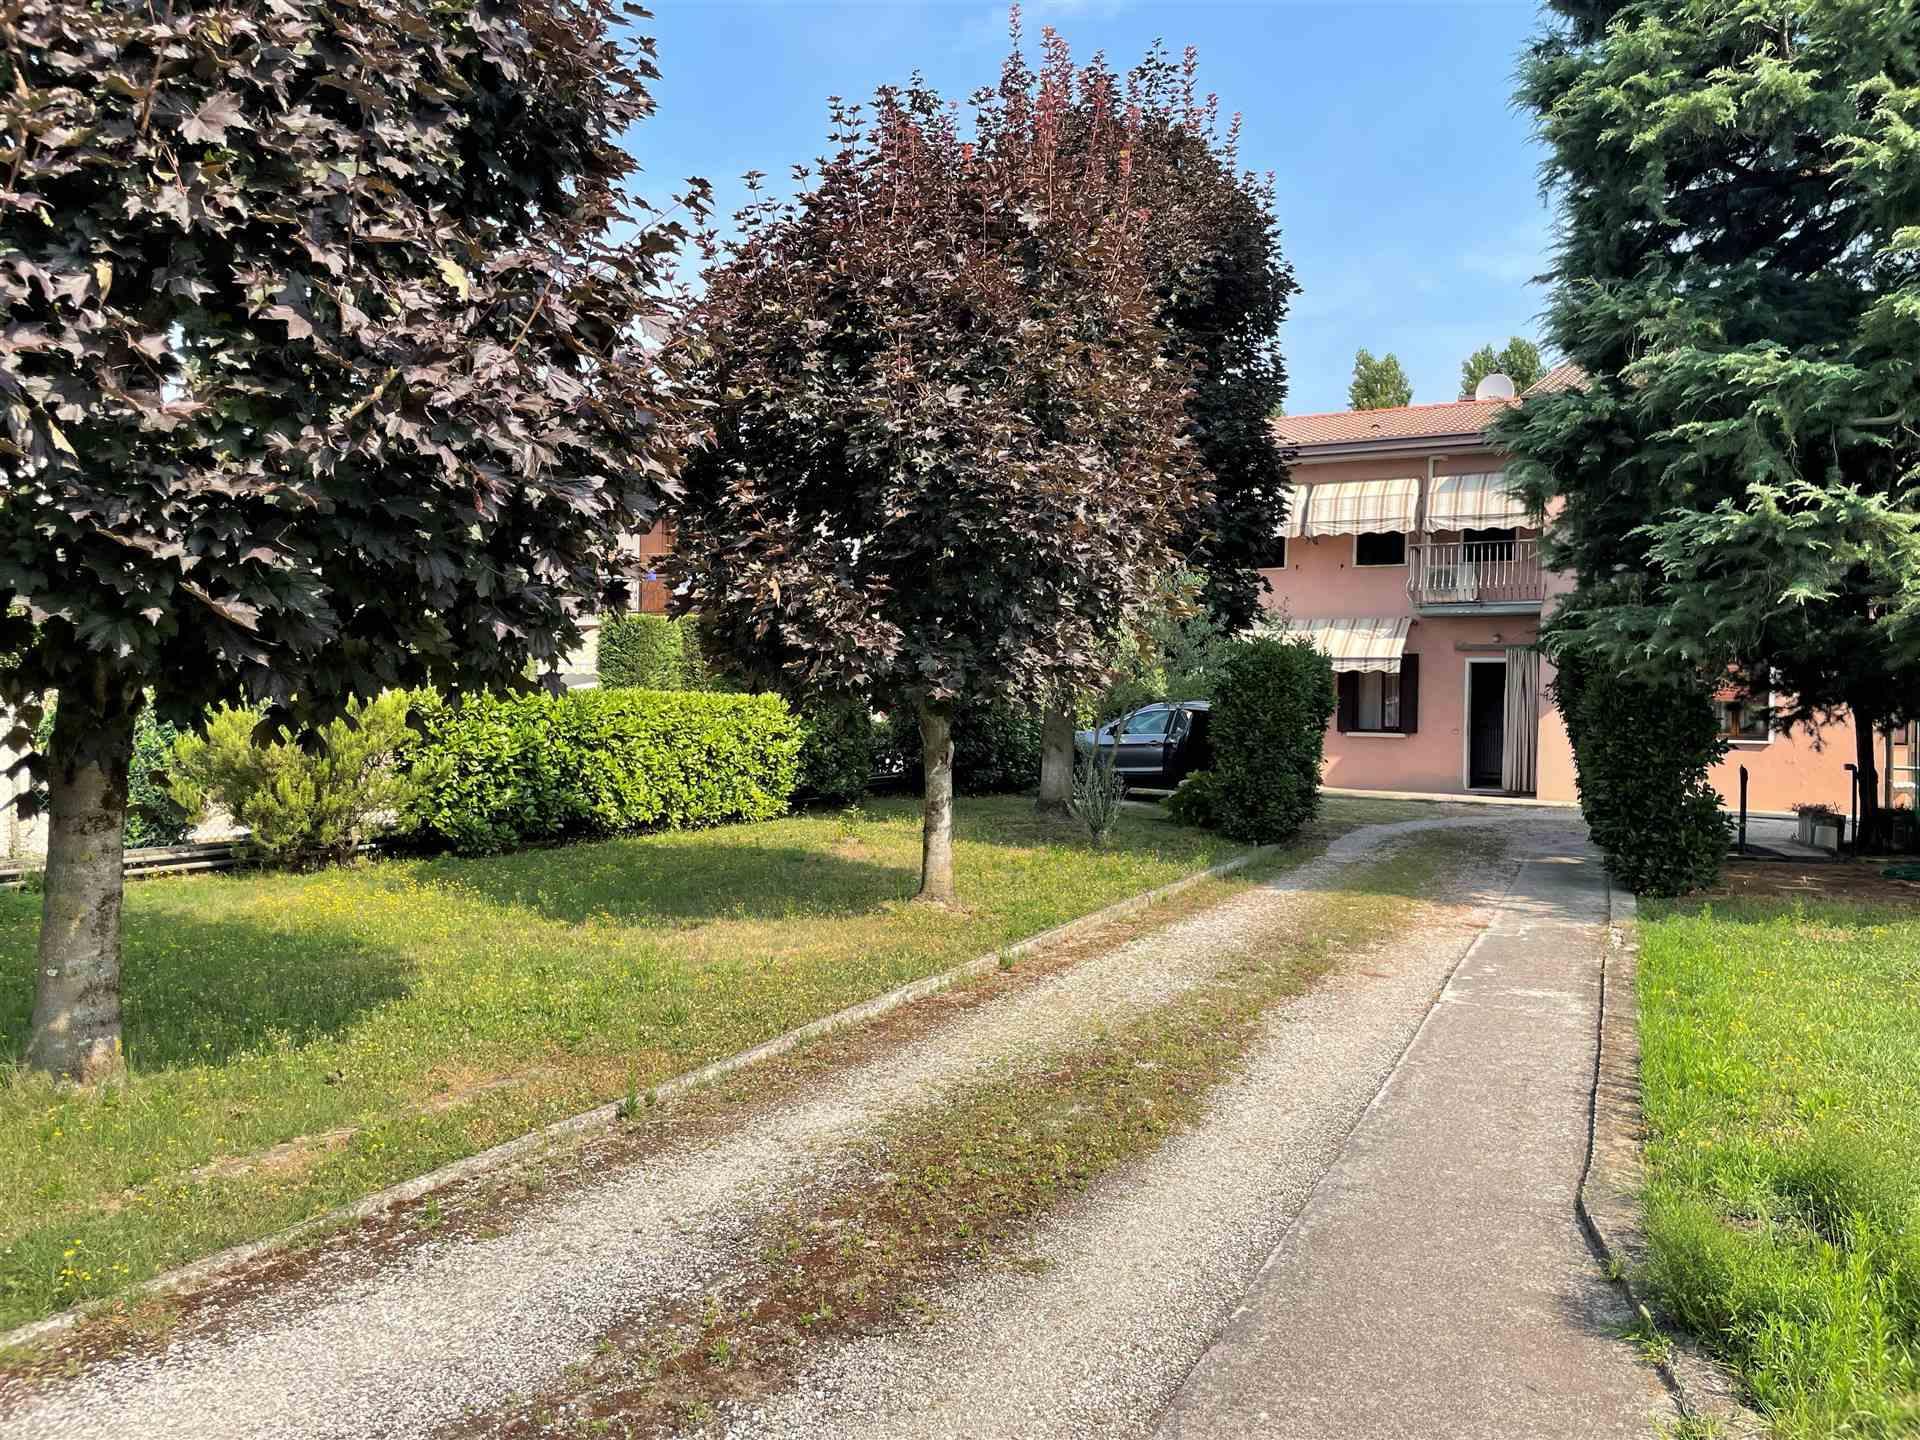 Mestre via Terraglietto in zona ricercata e molto tranquilla, proponiamo una porzione di casa al piano terra con ampio giardino. L'immobile è